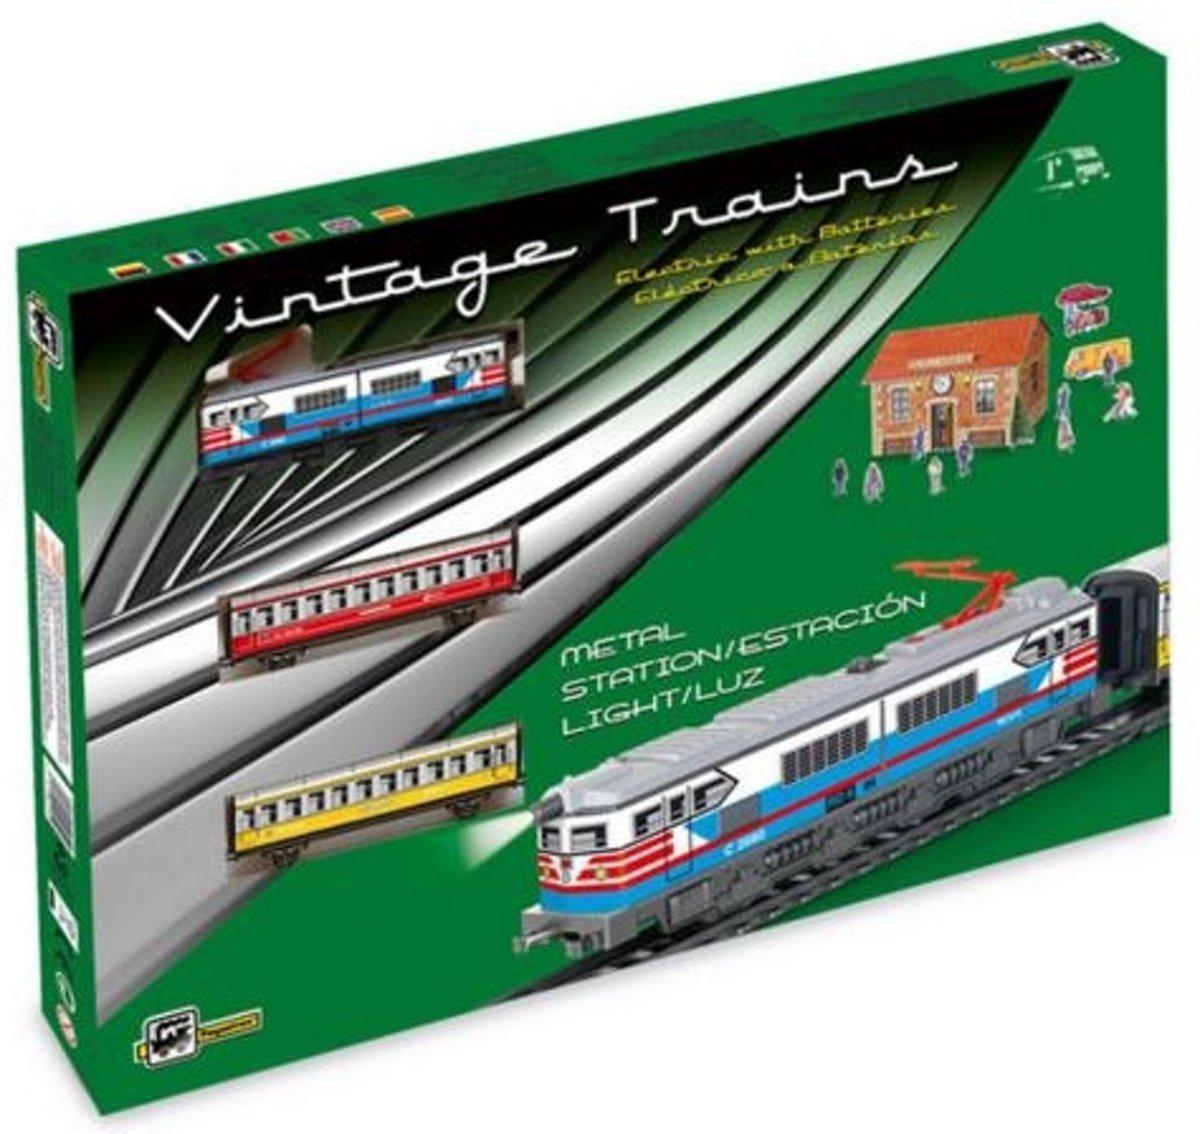 Pequetren Startset Batterij 302 Classic Passagiers Trein kopen